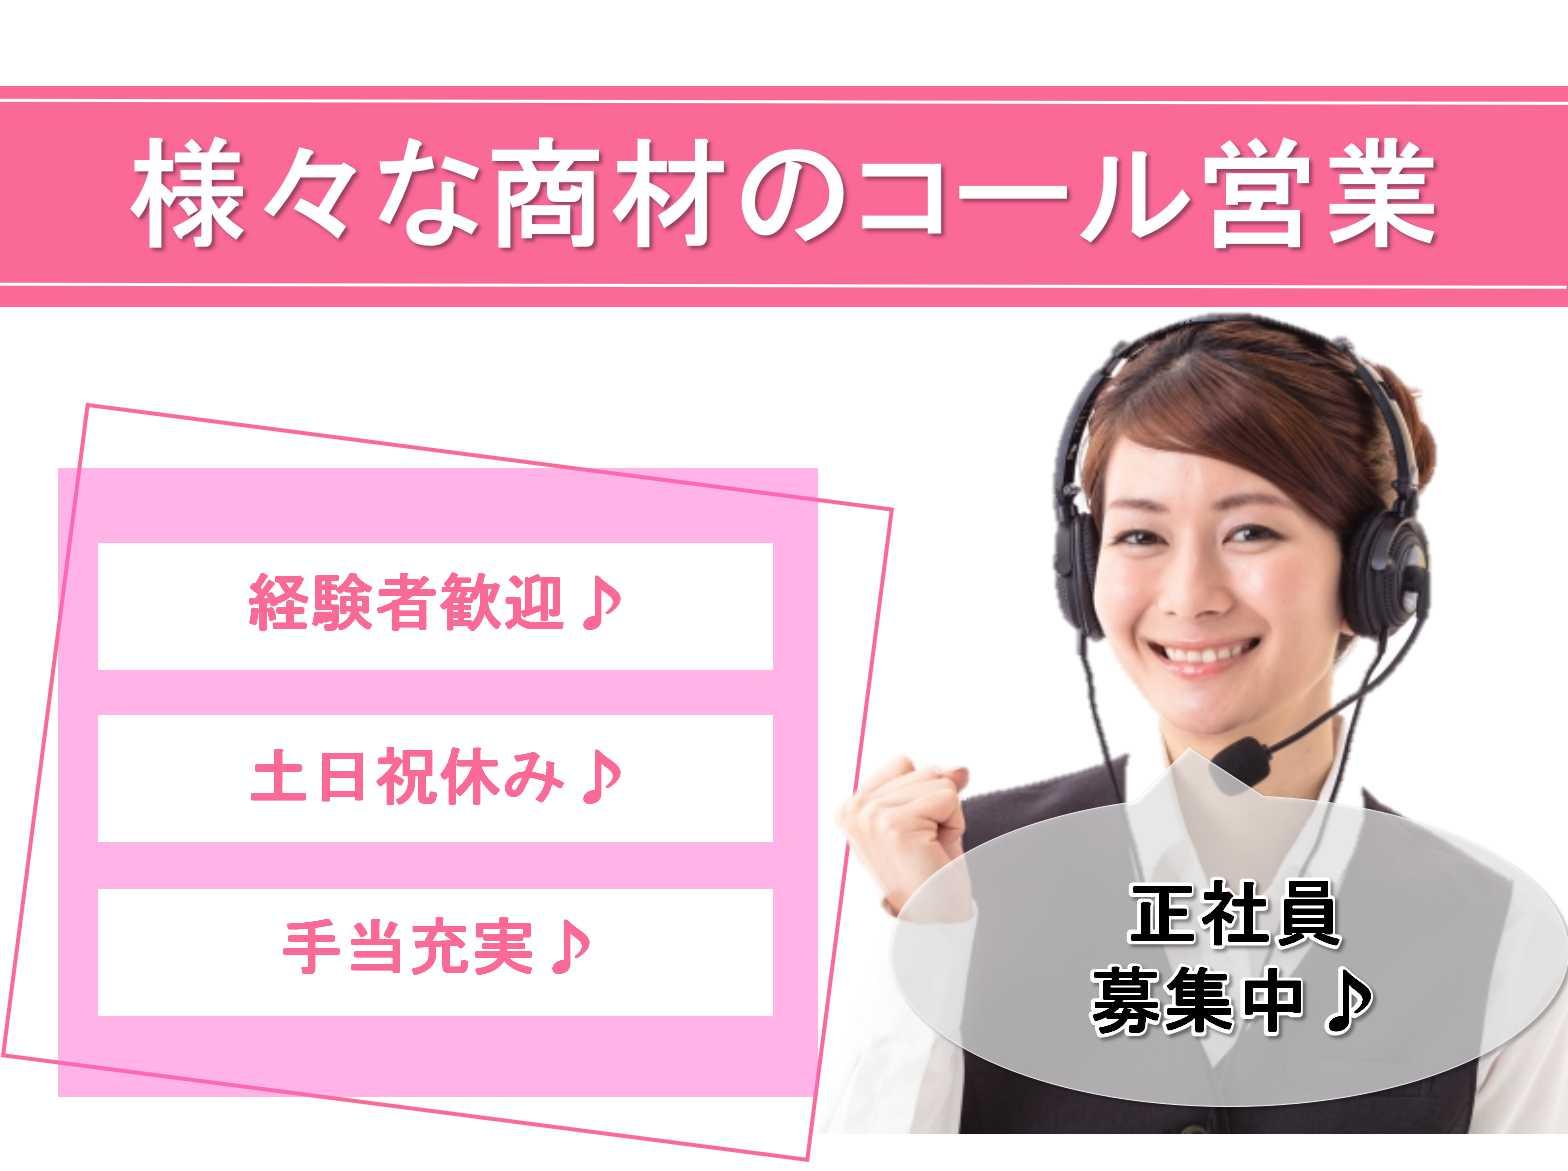 【正社員】経験者歓迎♪手当充実♪様々な商材のコール営業【名古屋市】 イメージ